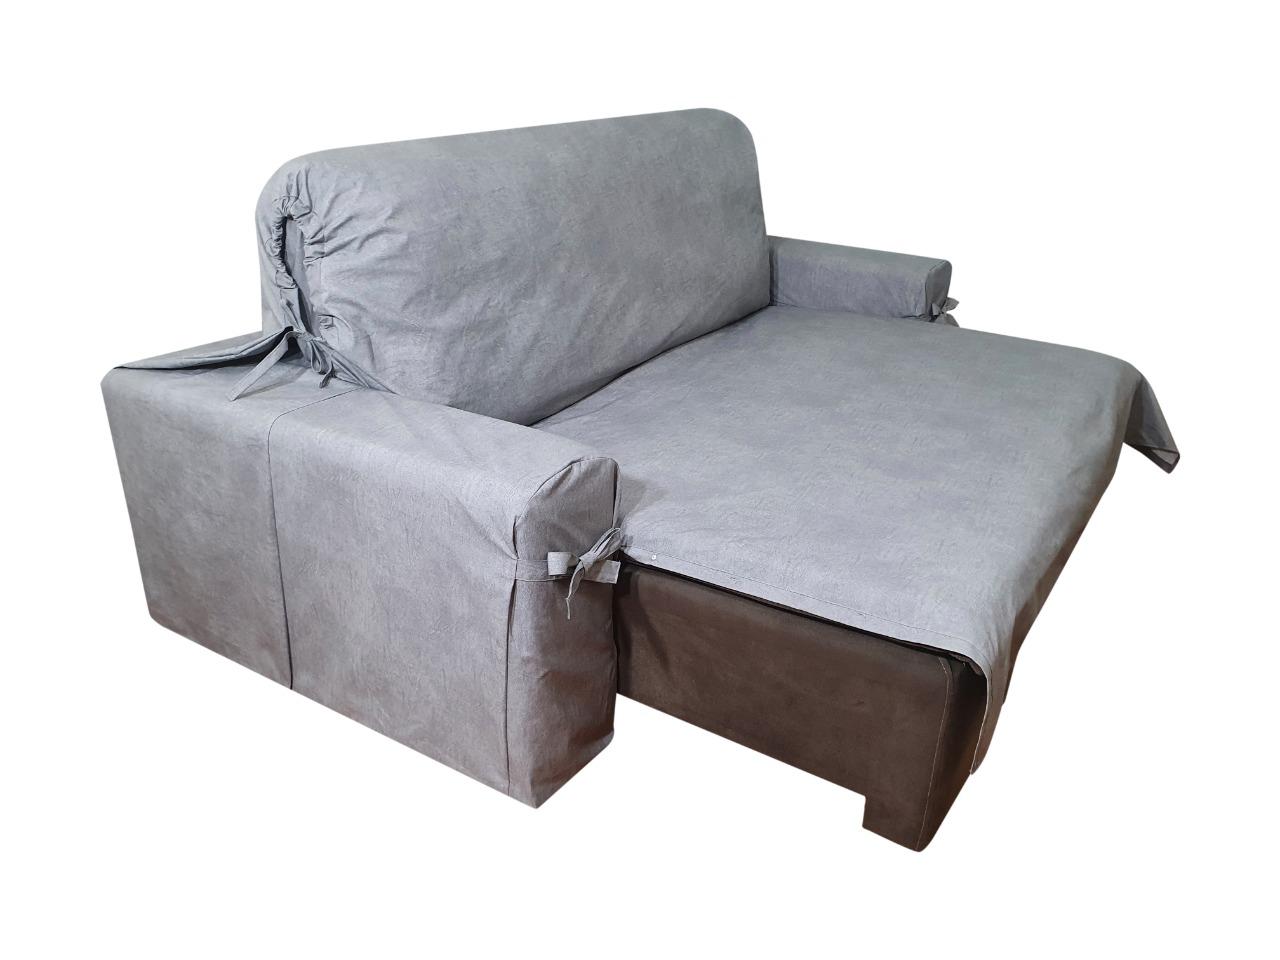 Capa p/ Sofá Retrátil e Reclinável em Acquablock Impermeável GRAFITE - Veste Sofás de 1,50m até 1,95m